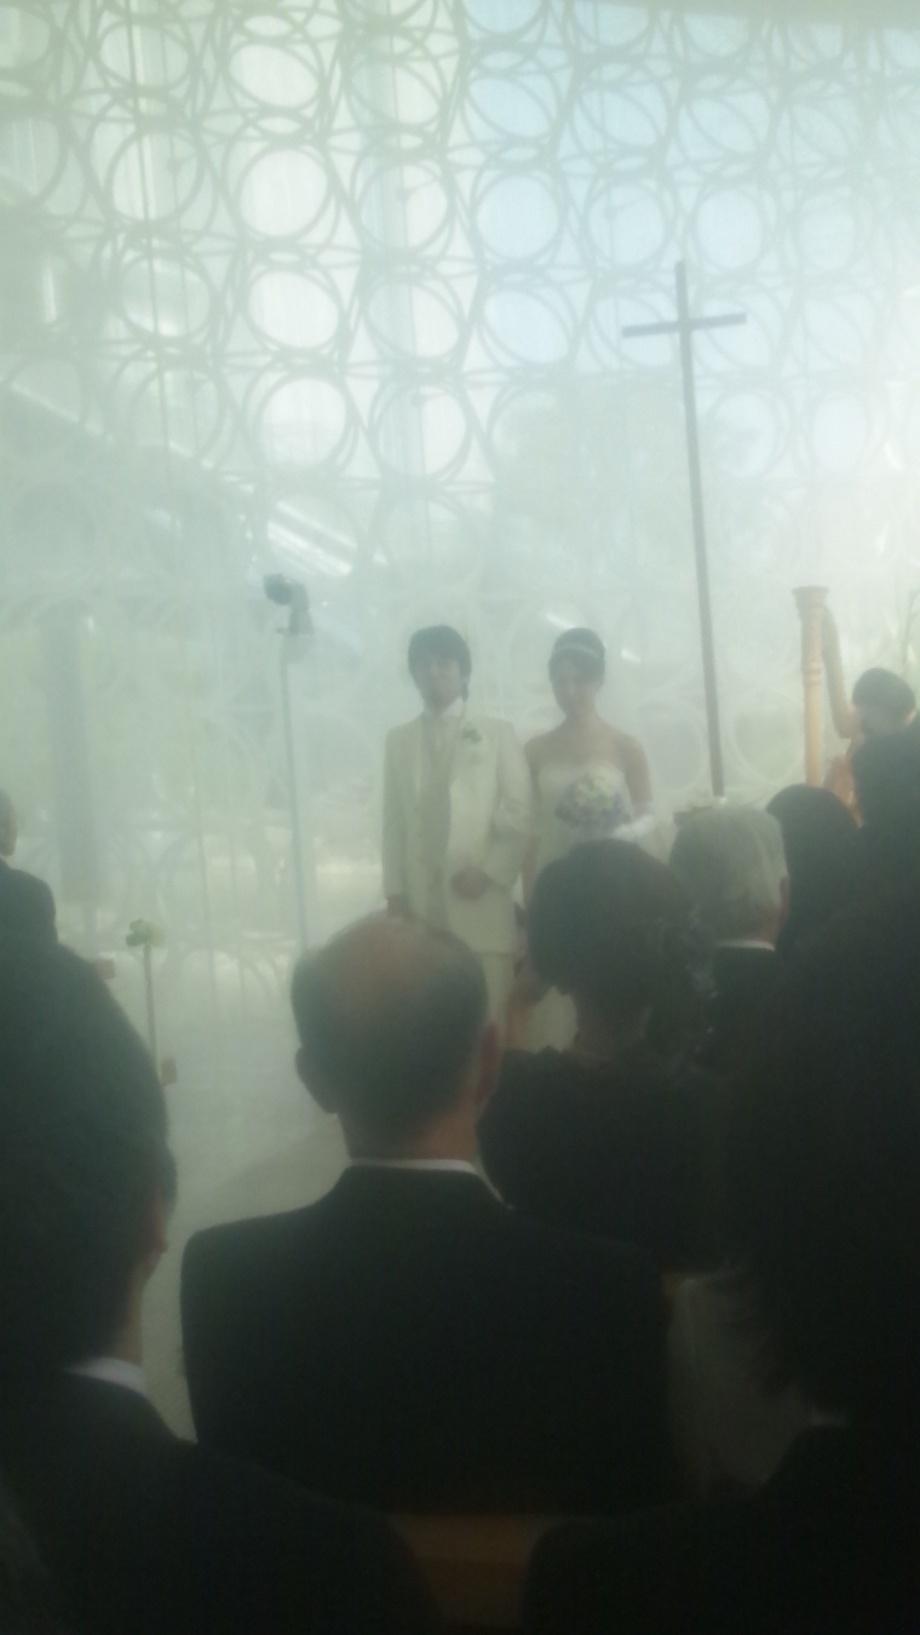 友人の結婚式でした